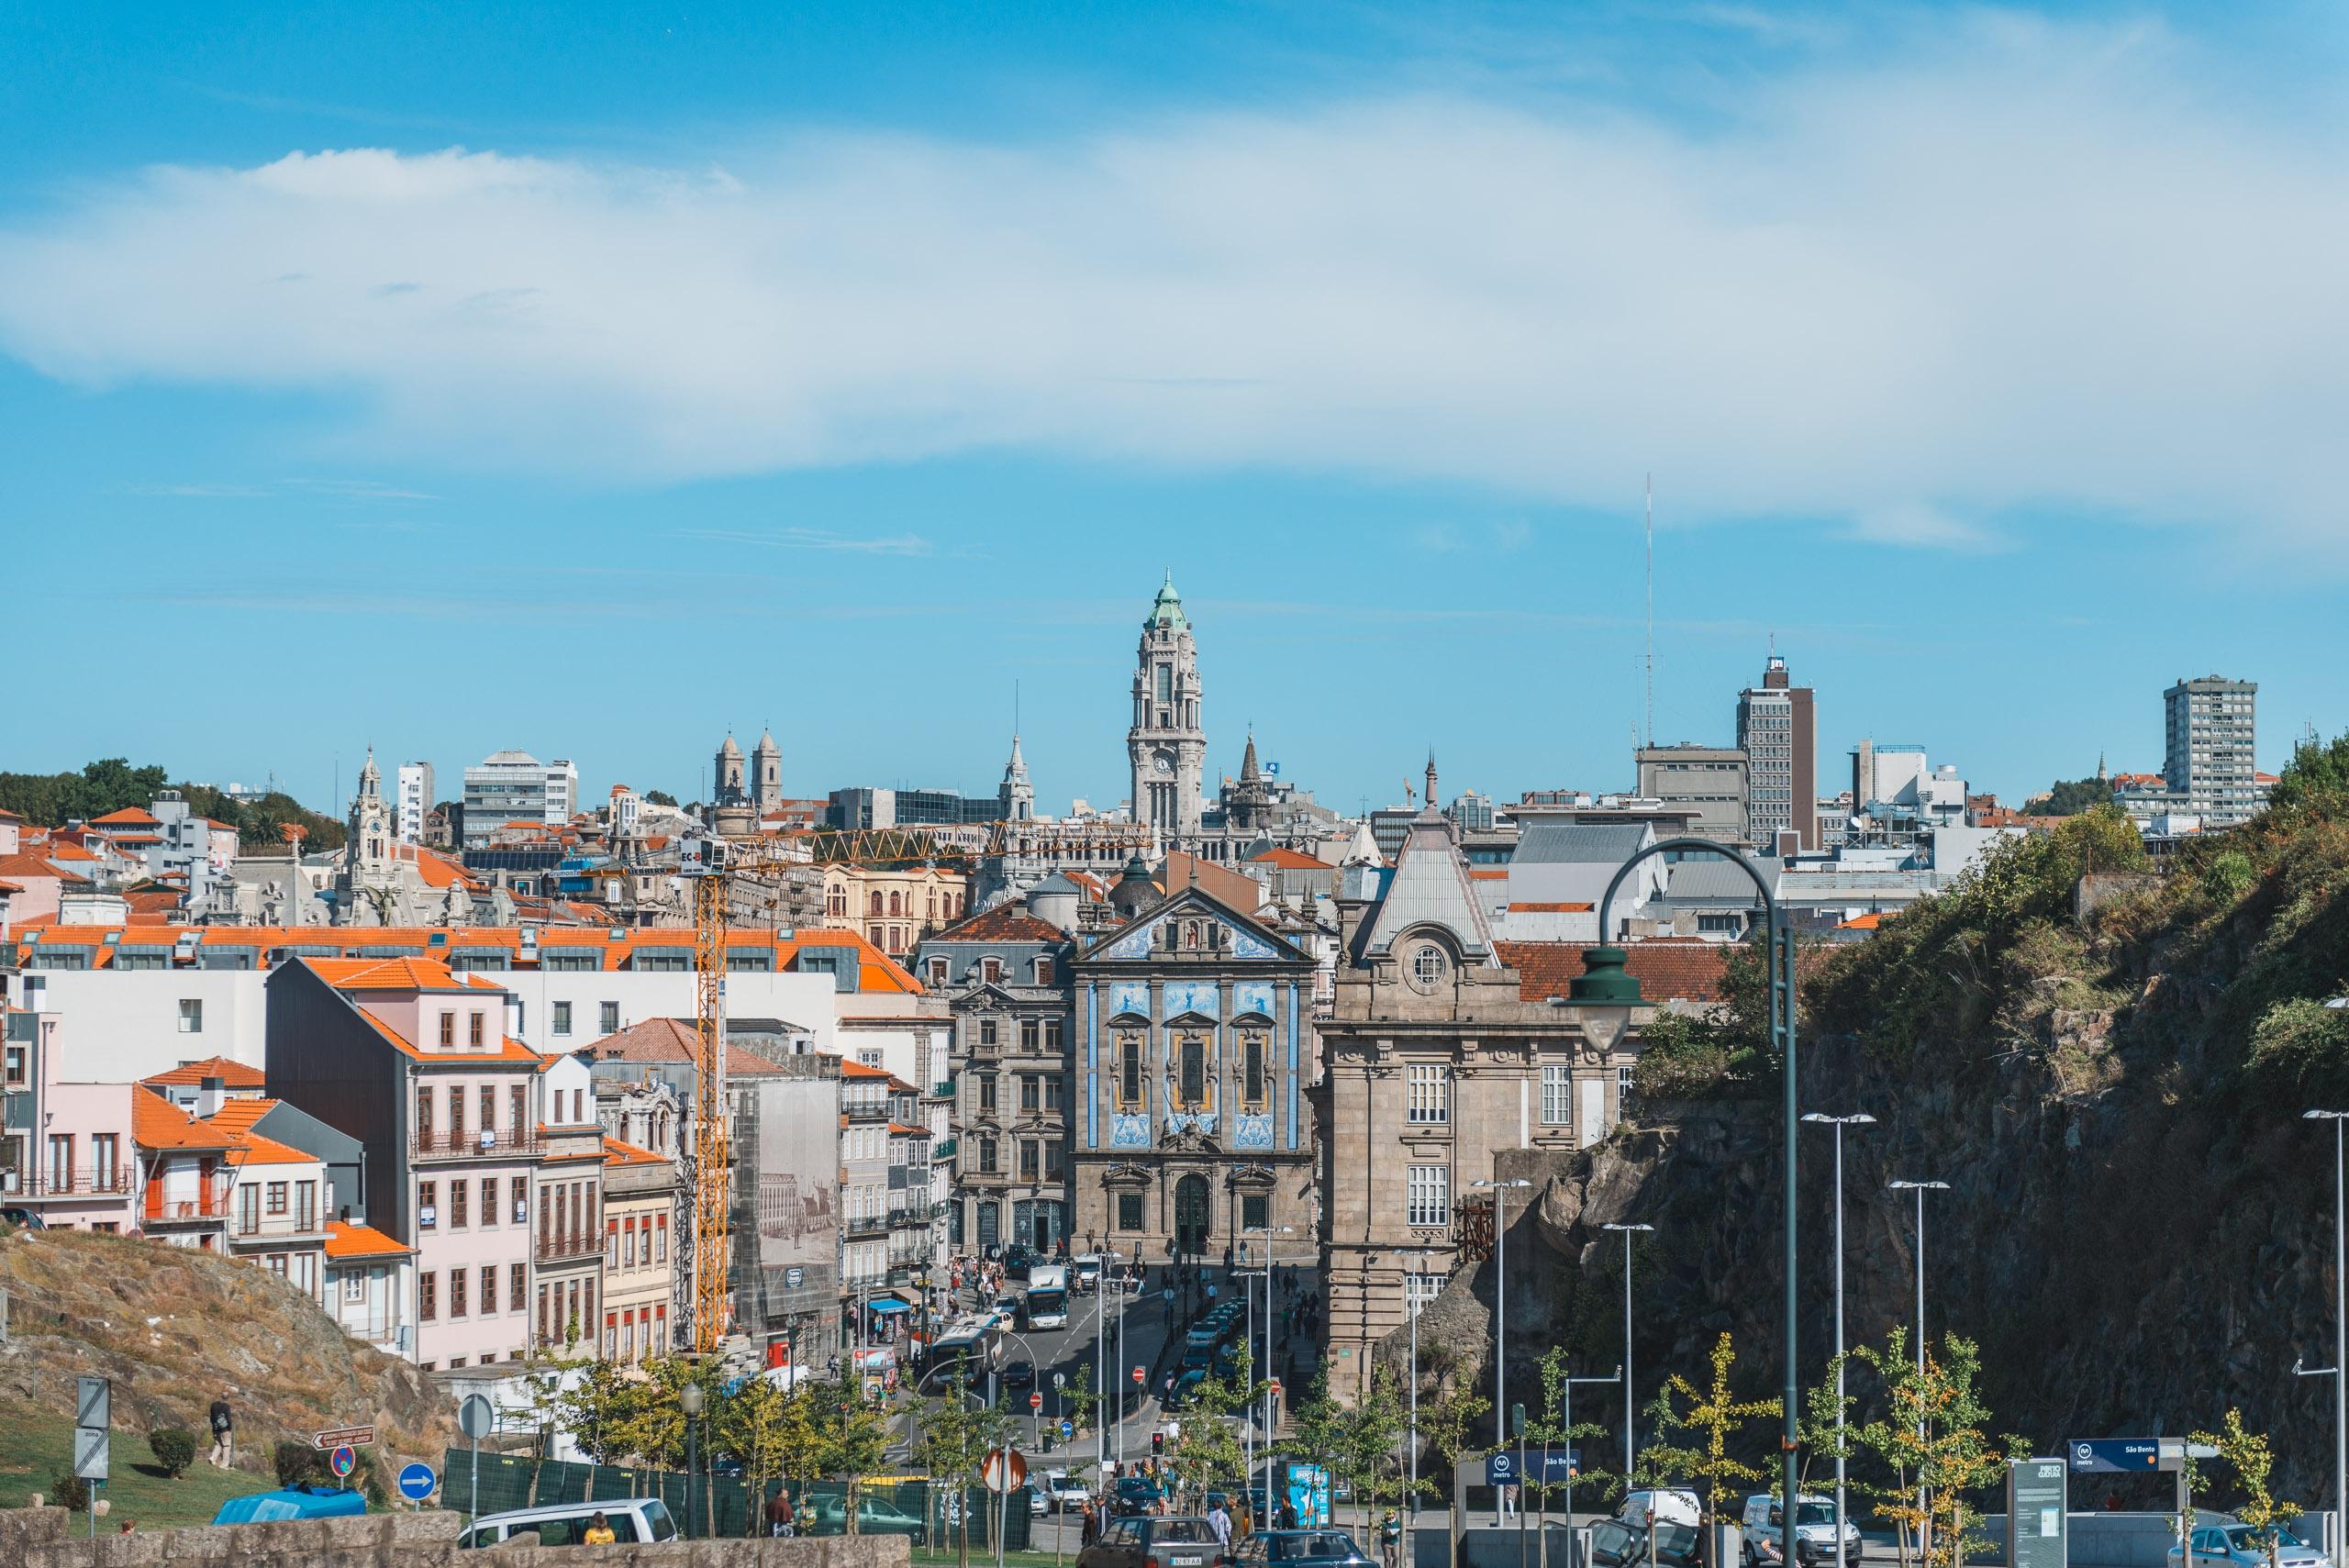 Portugal - Porto - 2012-0927-DSC_1959_16189